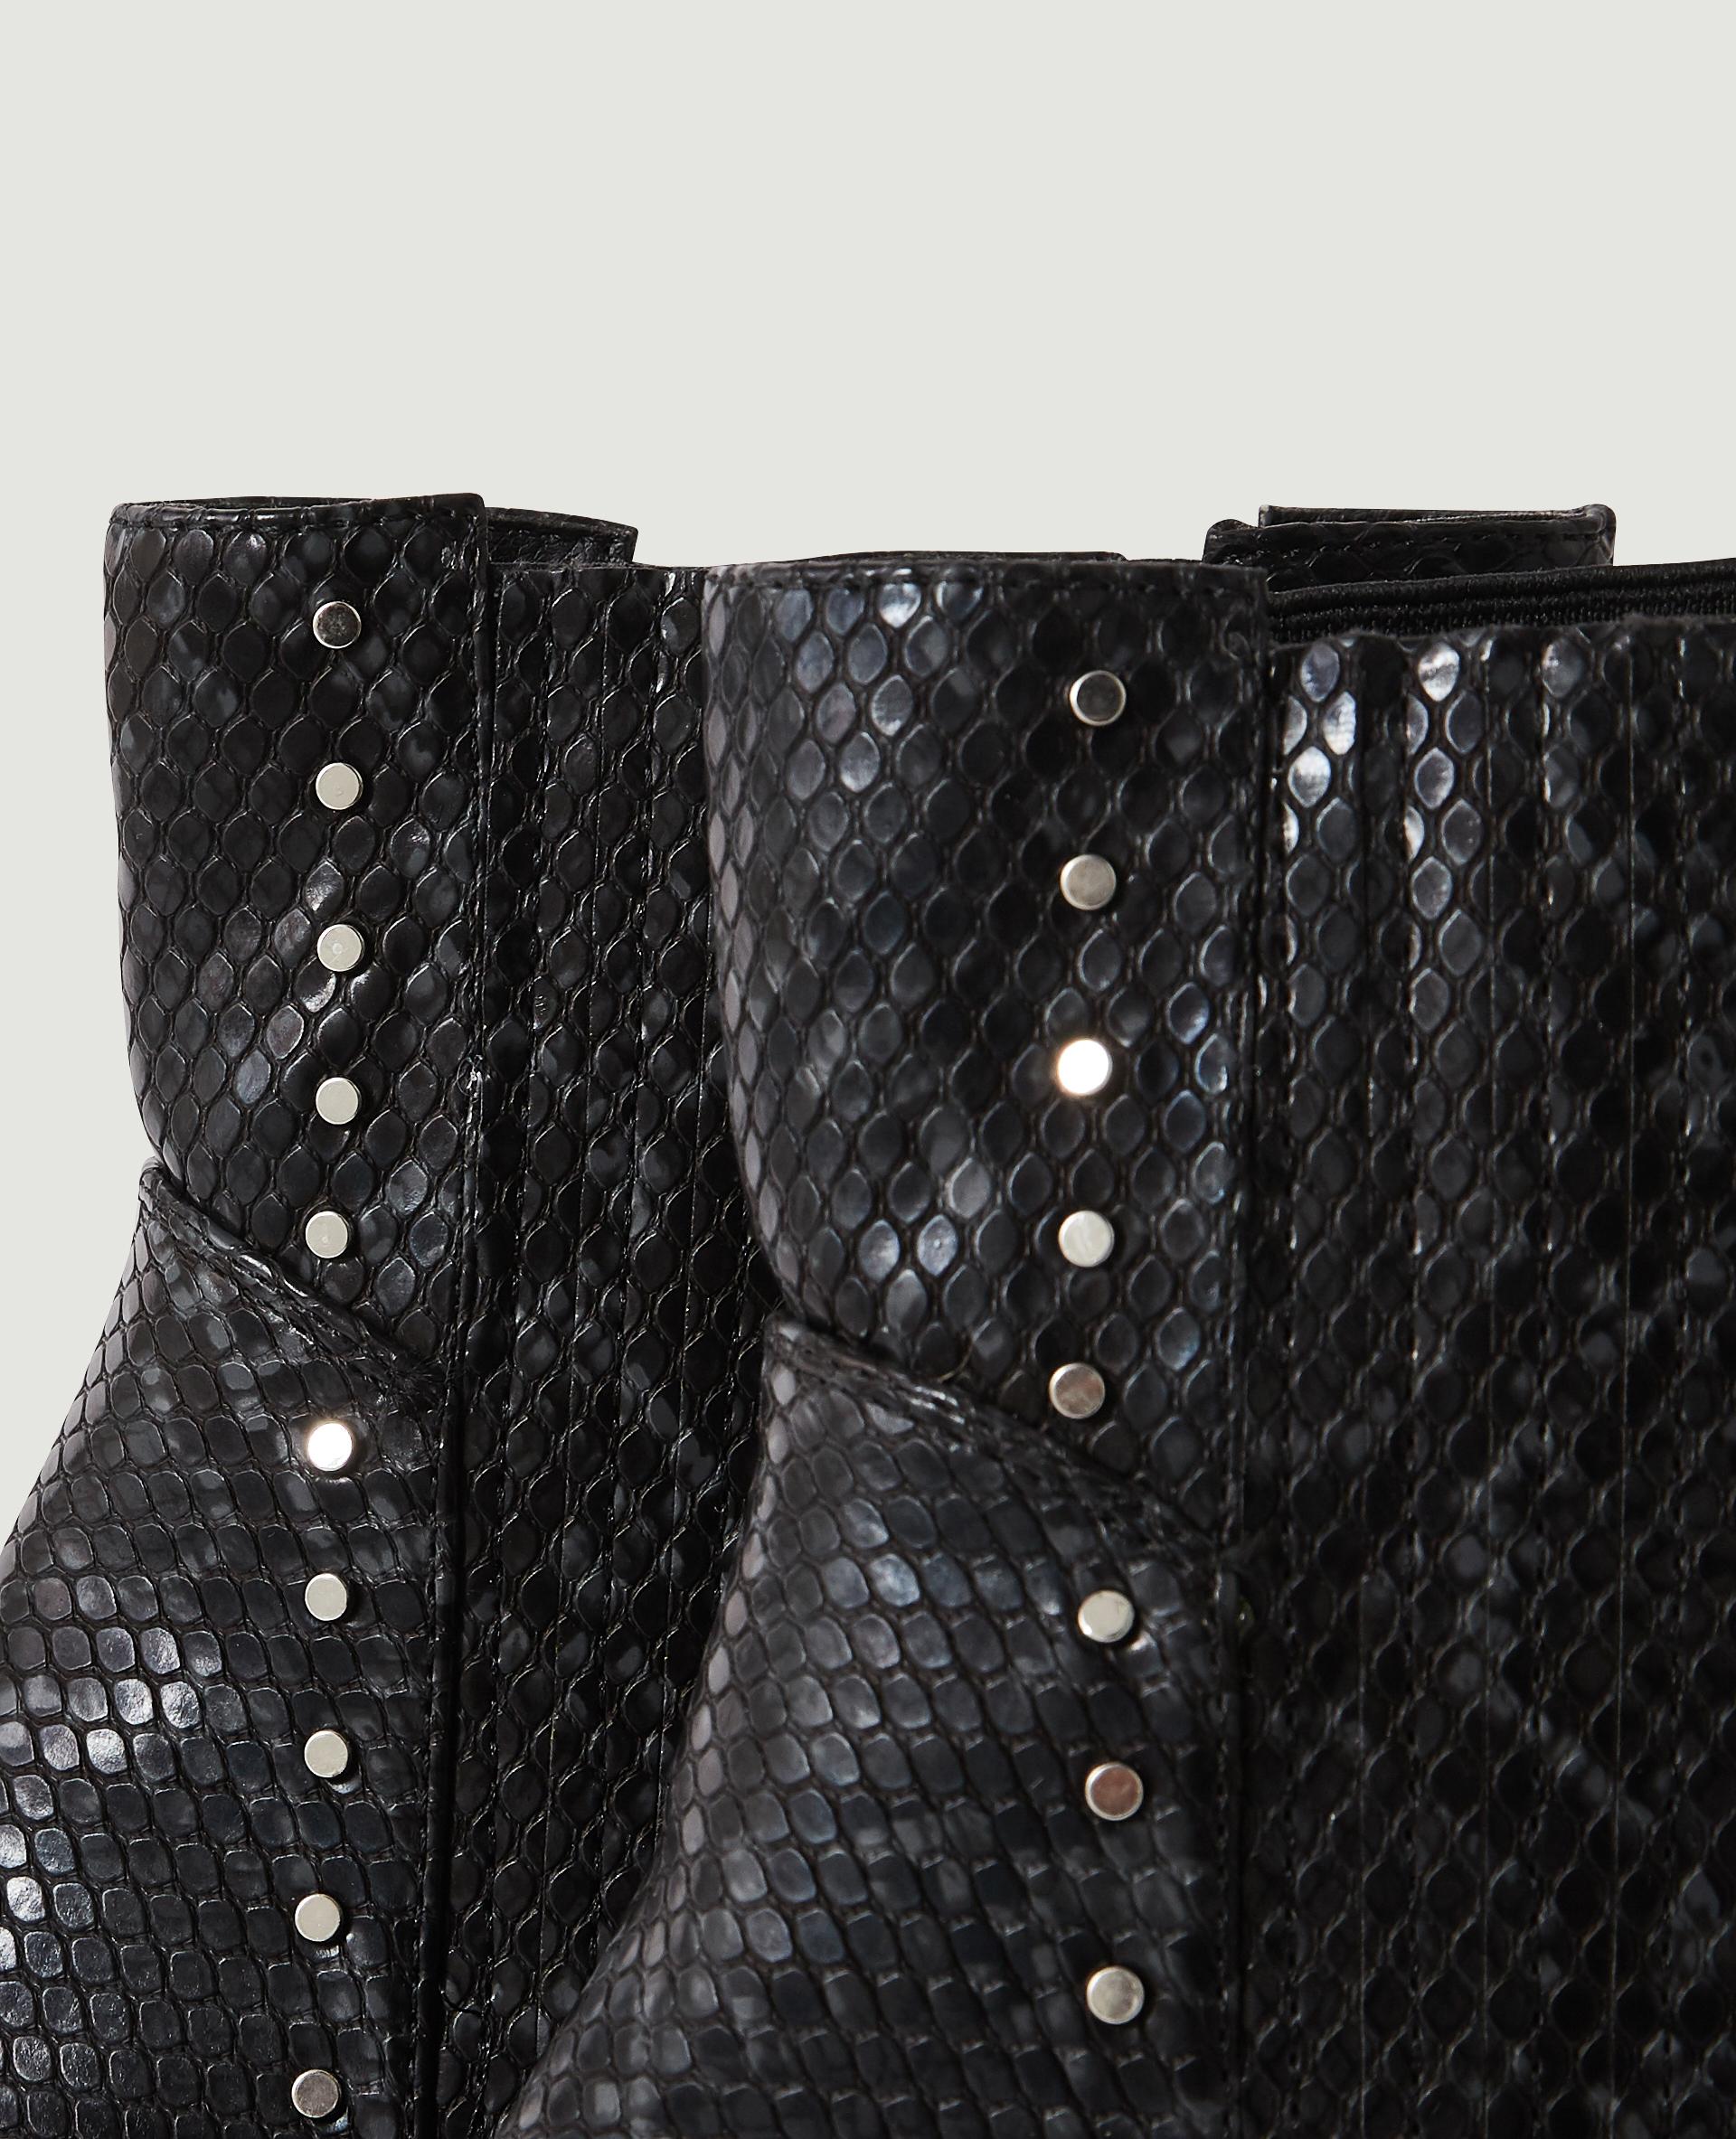 Bottines Chelsea python à clous noir - Pimkie